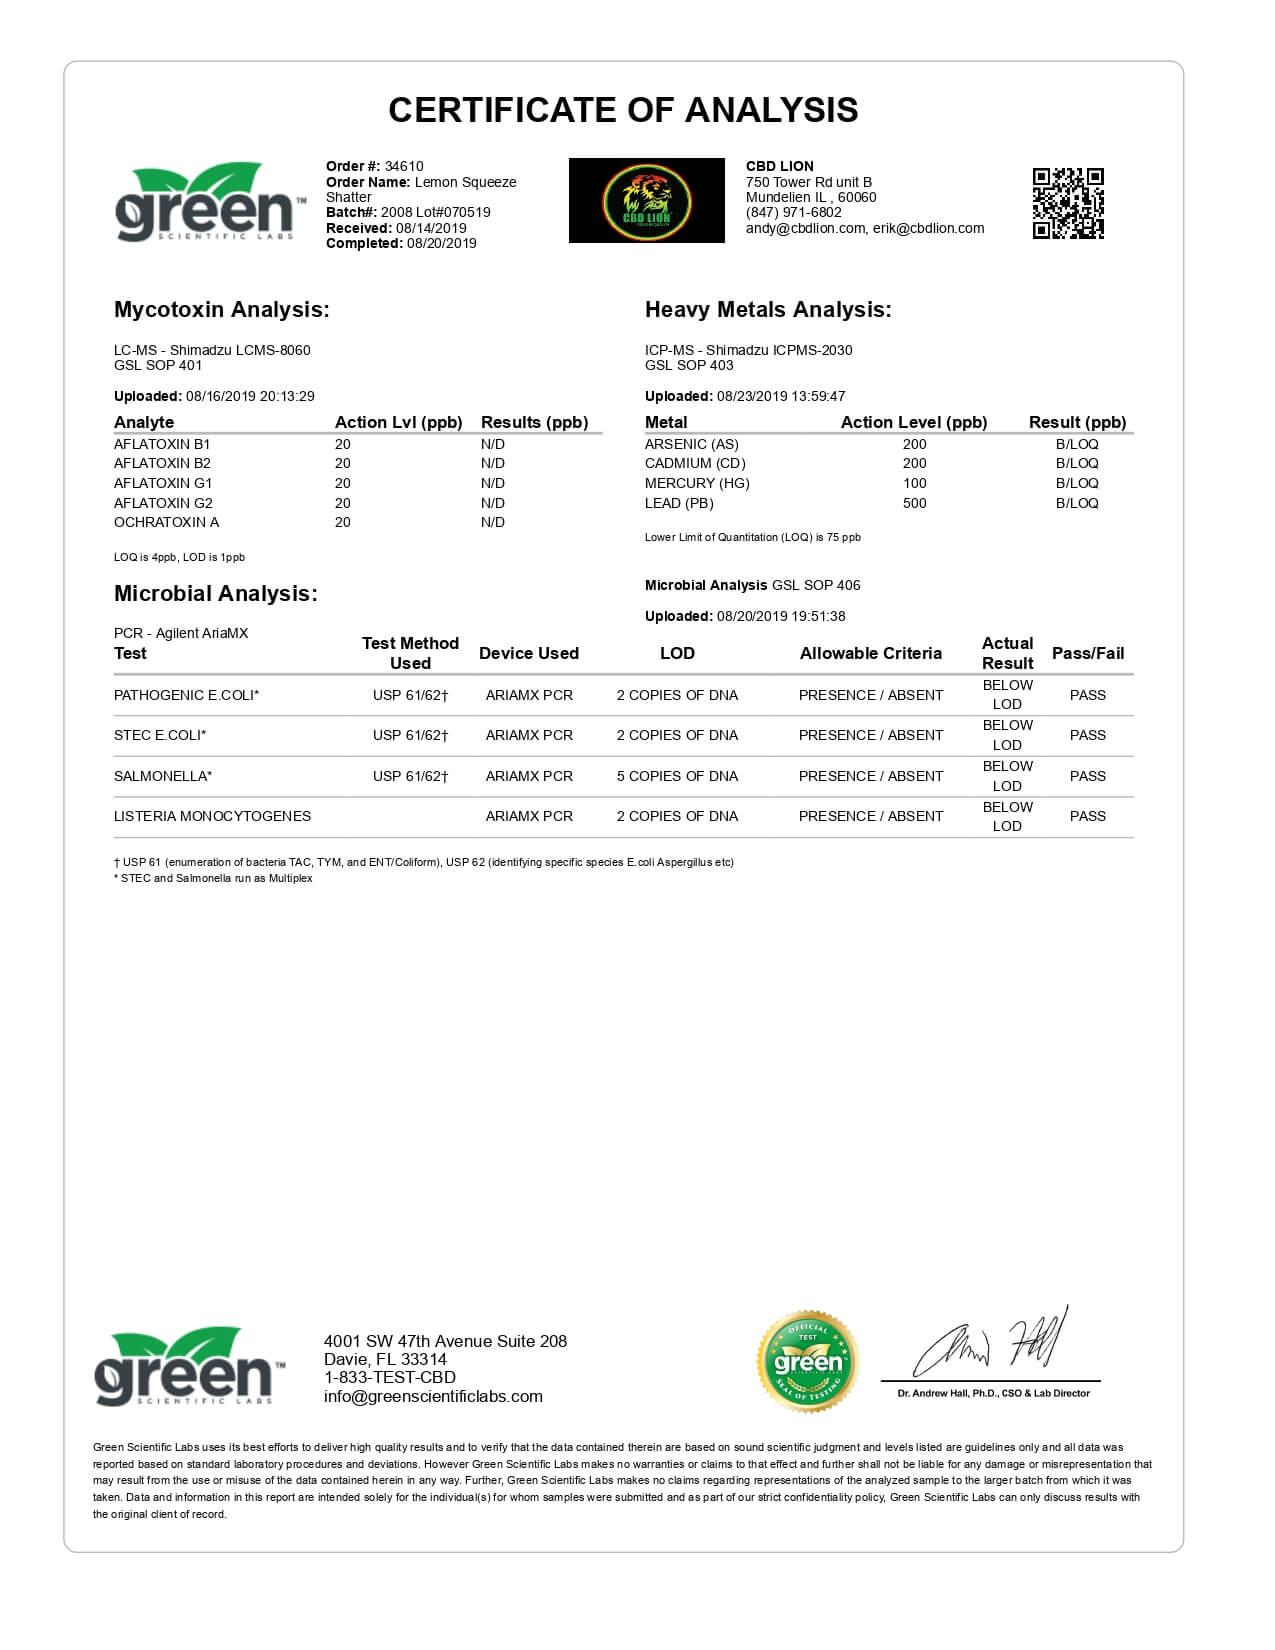 CBD Lion CBD Concentrate Lemon Squeeze Shatter 0.5g Lab Report